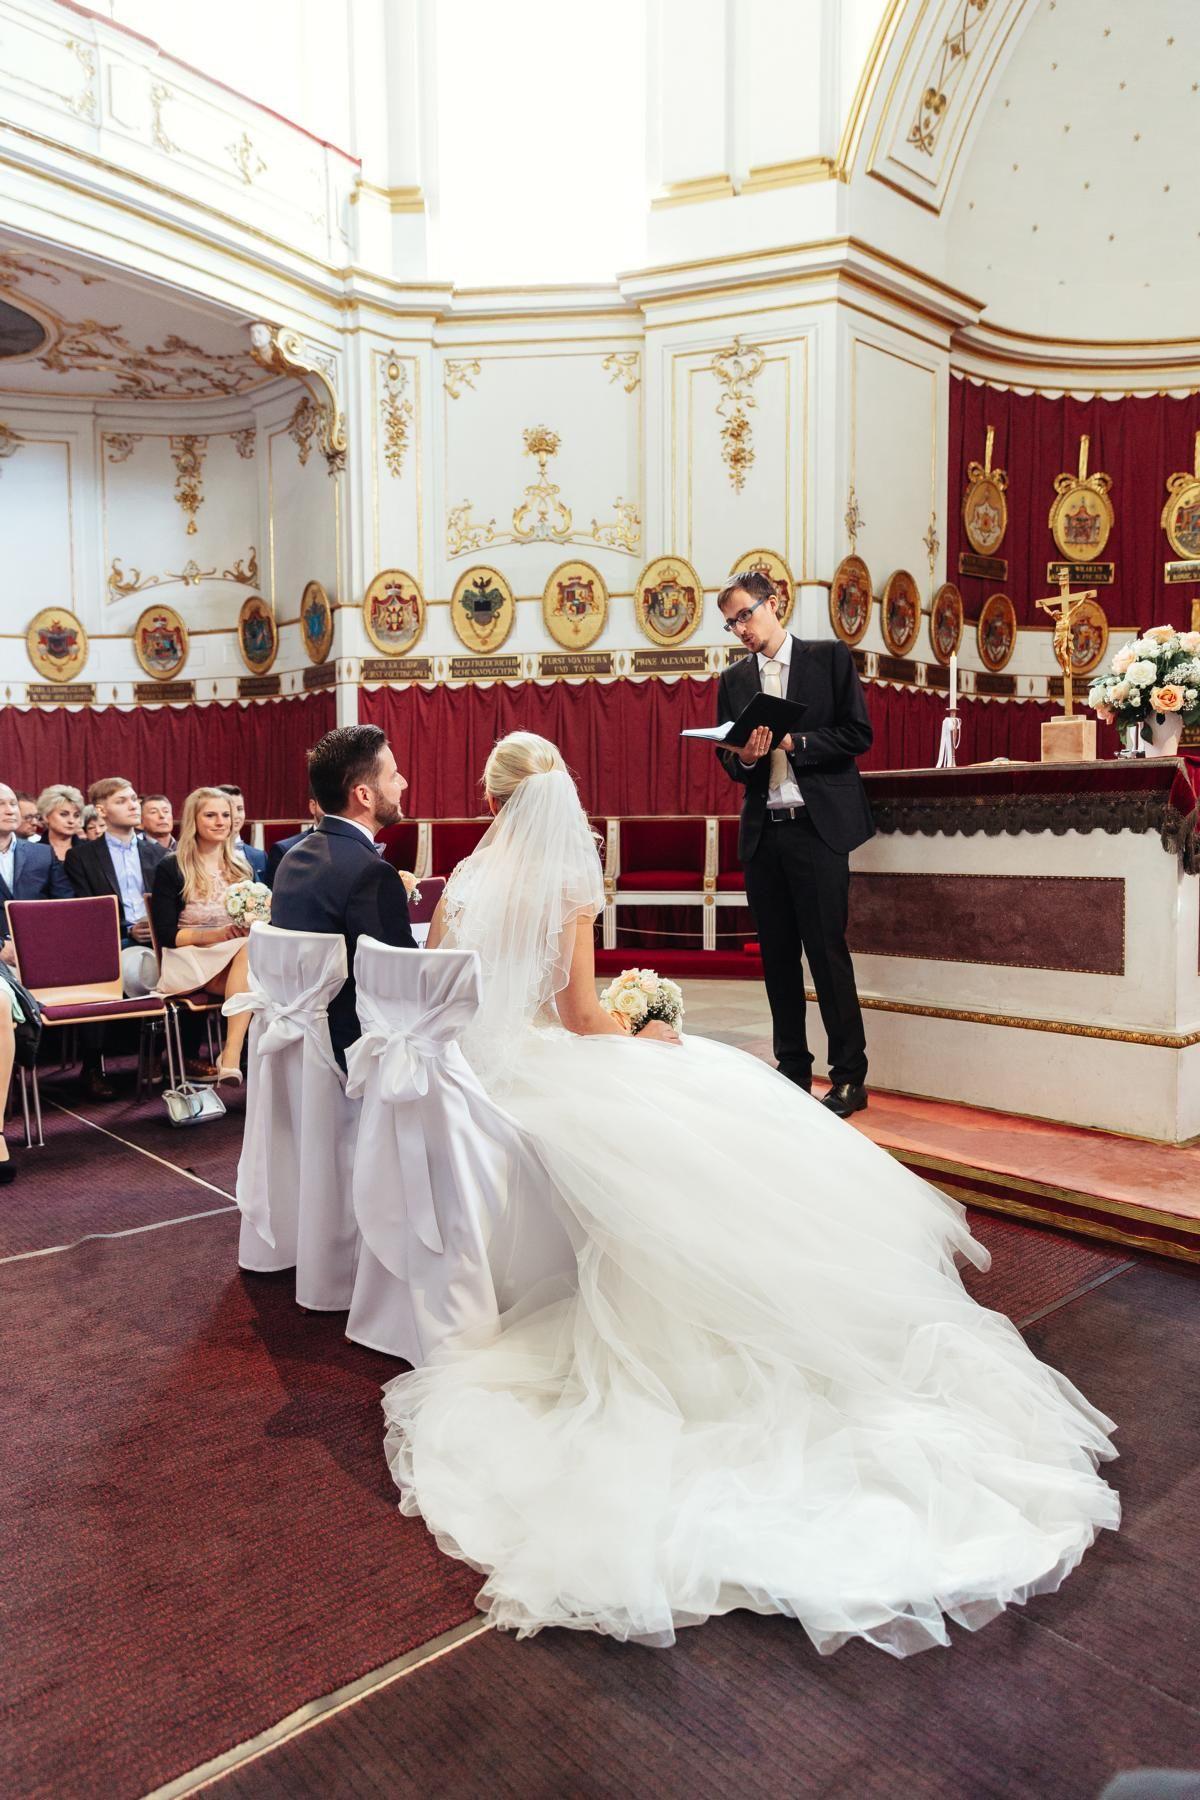 Christliche Trauung Ludwigsburg Christliche Trauung Trauung Hochzeit